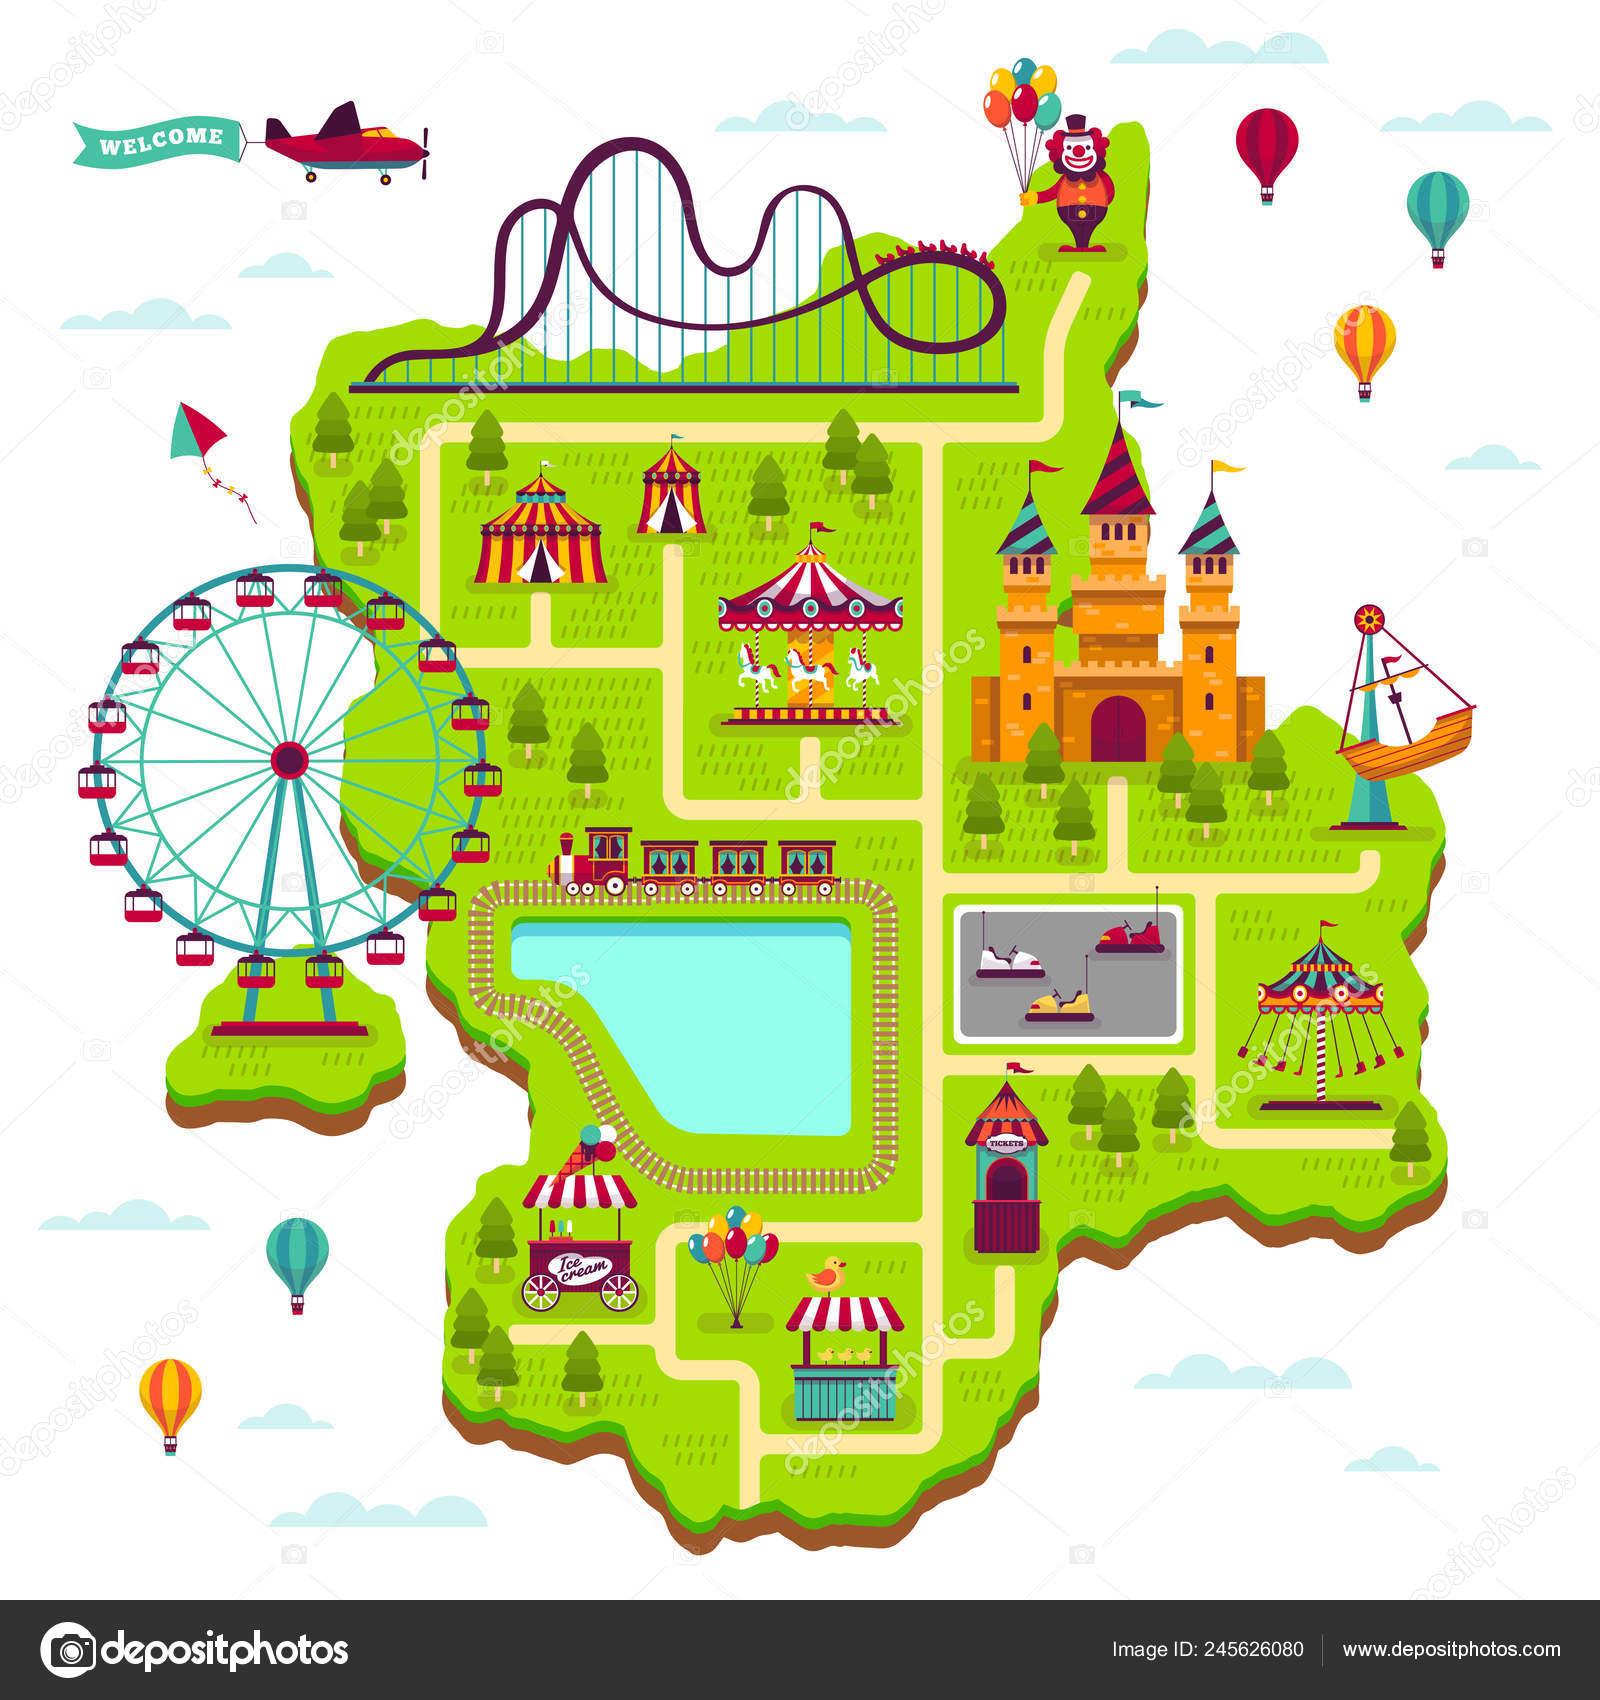 Amut park map. Scheme elements attractions festival amuse ... Scheme Map on